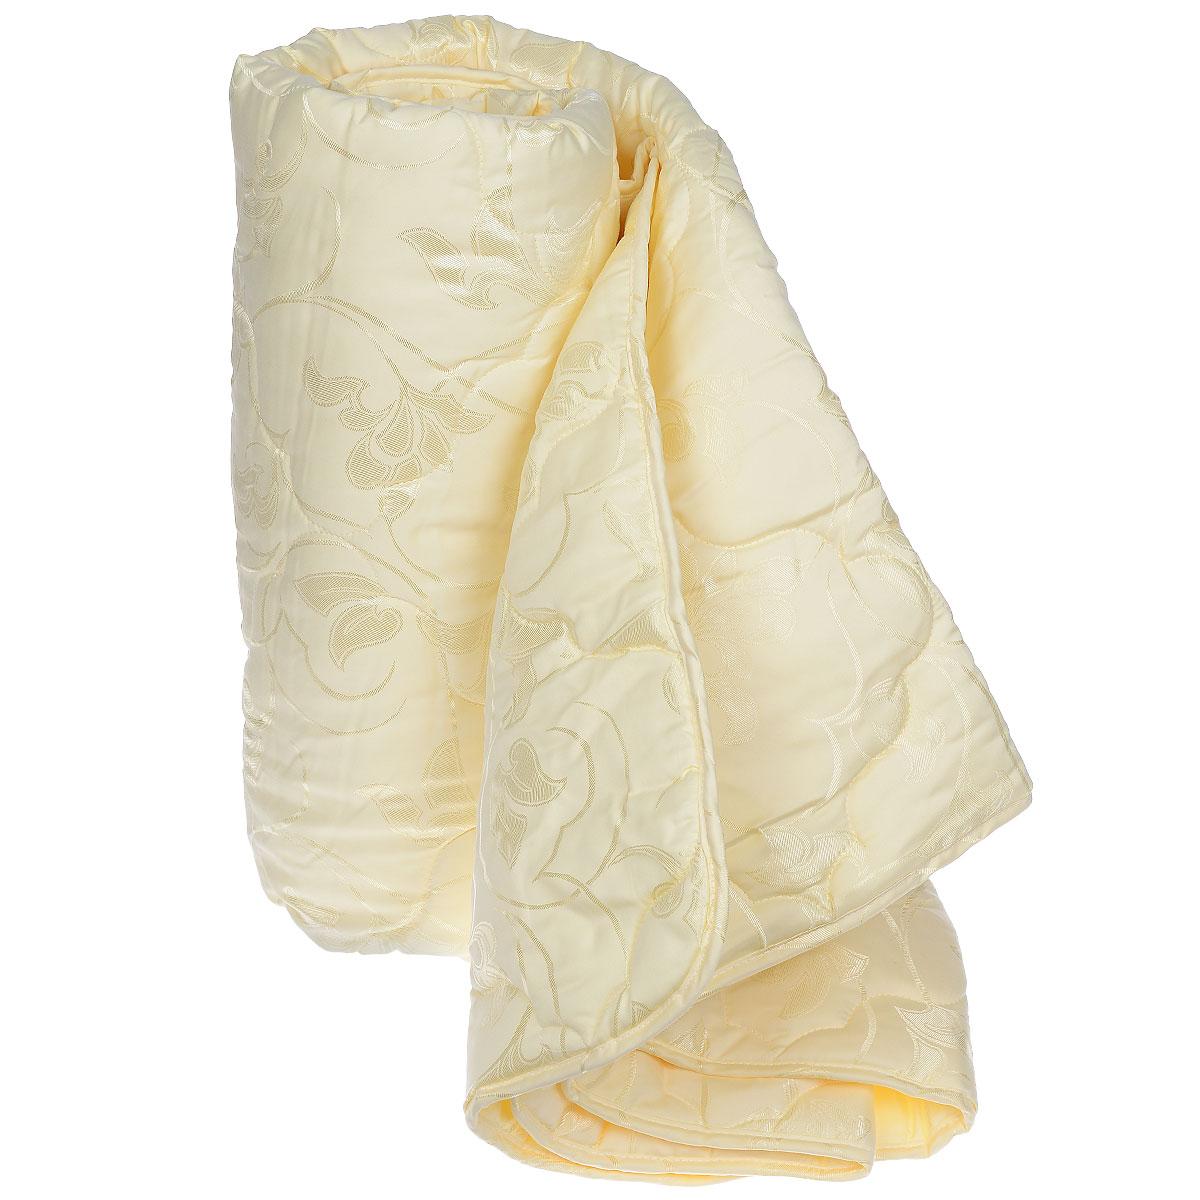 Одеяло Sova & Javoronok, наполнитель: шелковое волокно, цвет: бежевый, 140 см х 205 см531-103Чехол одеяла Sova & Javoronok выполнен из благородного сатина бежевого цвета. Наполнитель - натуральное шелковое волокно.Особенности наполнителя: - обладает высокими сорбционными свойствами, создавая эффект сухого тепла; - регулирует температурный режим; - не вызывает аллергических реакций. Шелк всегда считался одним из самых элитных и роскошных материалов. Очень нежный, легкий, шелк отлично приспосабливается к температуре тела и окружающей среды. Летом с подушкой из шелка вы чувствуете прохладу, зимой - приятное тепло. В натуральном шелке не заводится и не живет пылевой клещ, также шелк обладает бактериостатическими свойствами (в нем не размножаются патогенные бактерии), в нем не живут и не размножаются грибки и сапрофиты. Натуральный шелк гипоаллергенен и рекомендован людям с аллергическими реакциями. При впитывании шелком влаги до 30% от собственного веса он остается сухим на ощупь. Натуральный шелк не электризуется. Одеяло Sova & Javoronok упакована в тканно-пластиковый чехол на змейке с ручками, что является чрезвычайно удобным при переноске.Рекомендации по уходу:- Стирка запрещена,- Нельзя отбеливать. При стирке не использовать средства, содержащие отбеливатели (хлор),- Не гладить. Не применять обработку паром,- Химчистка с использованием углеводорода, хлорного этилена,- Нельзя выжимать и сушить в стиральной машине. Размер одеяла: 140 см х 205 см.Материал чехла: сатин (100% хлопок). Материал наполнителя: шелковое волокно.